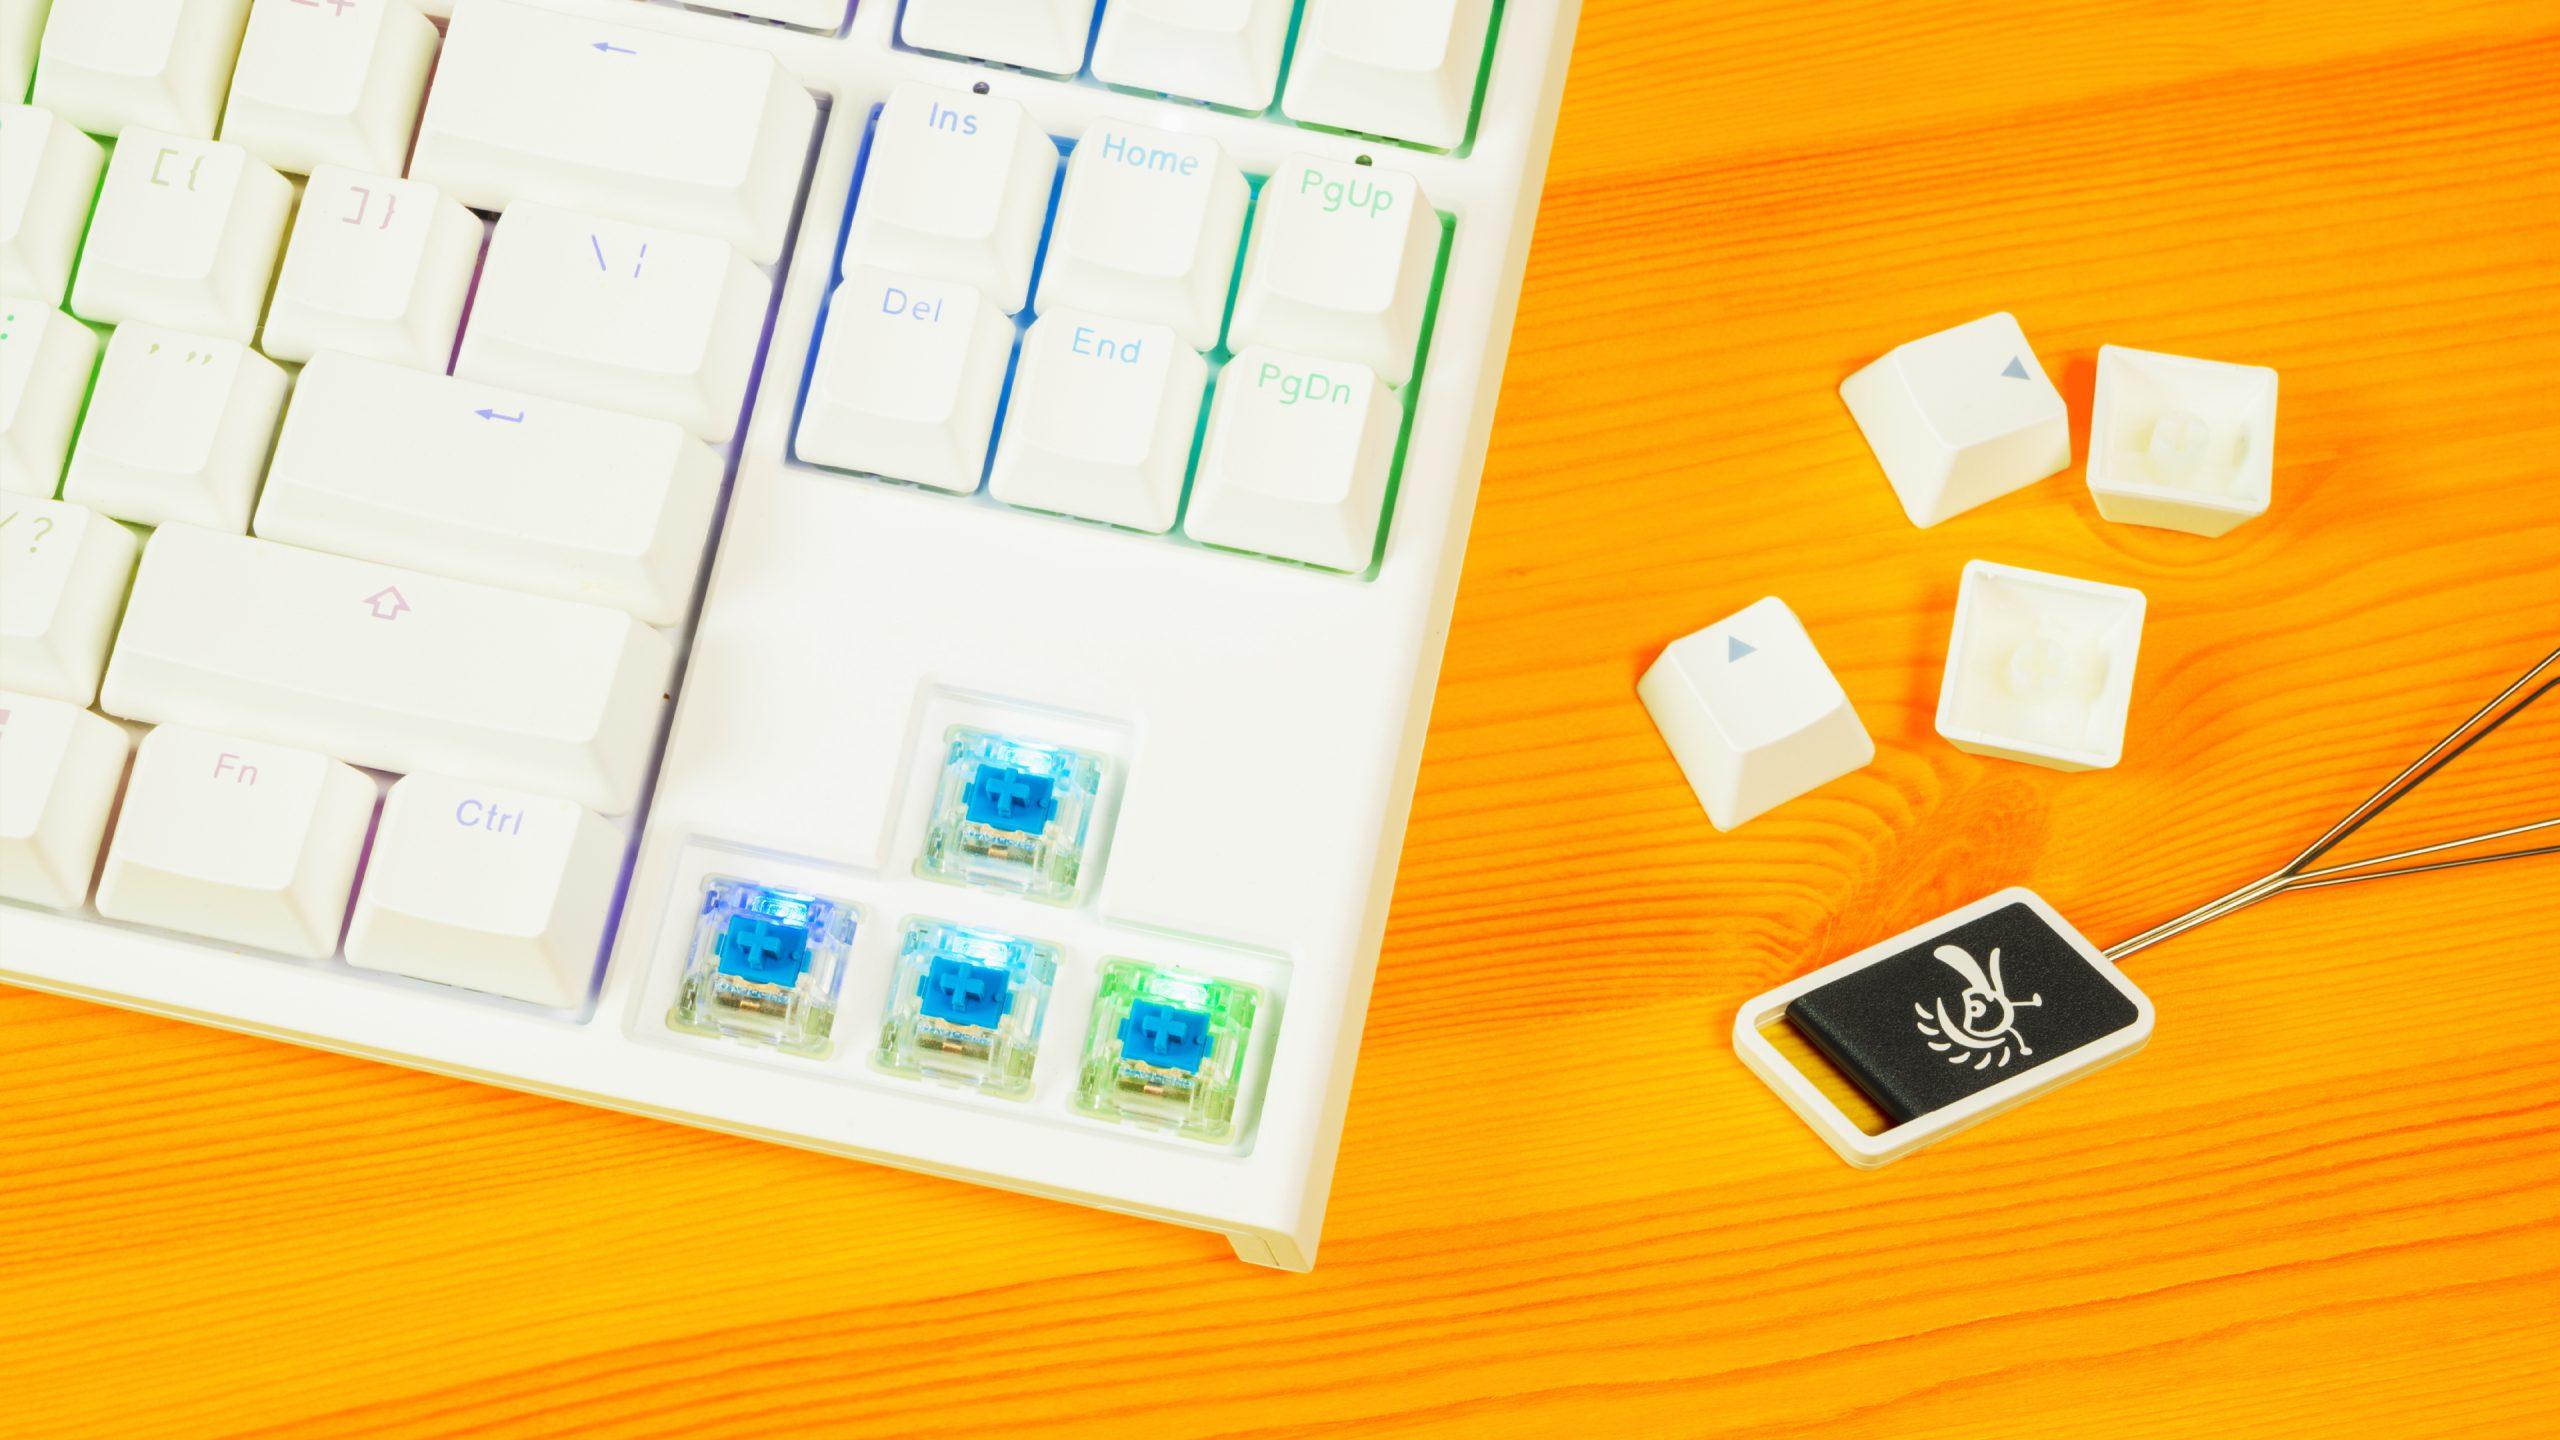 Bovenaanzicht van Cherry MX Blue-schakelaars, een keycap puller van Ducky en legio double-shot, PBT-keycaps.